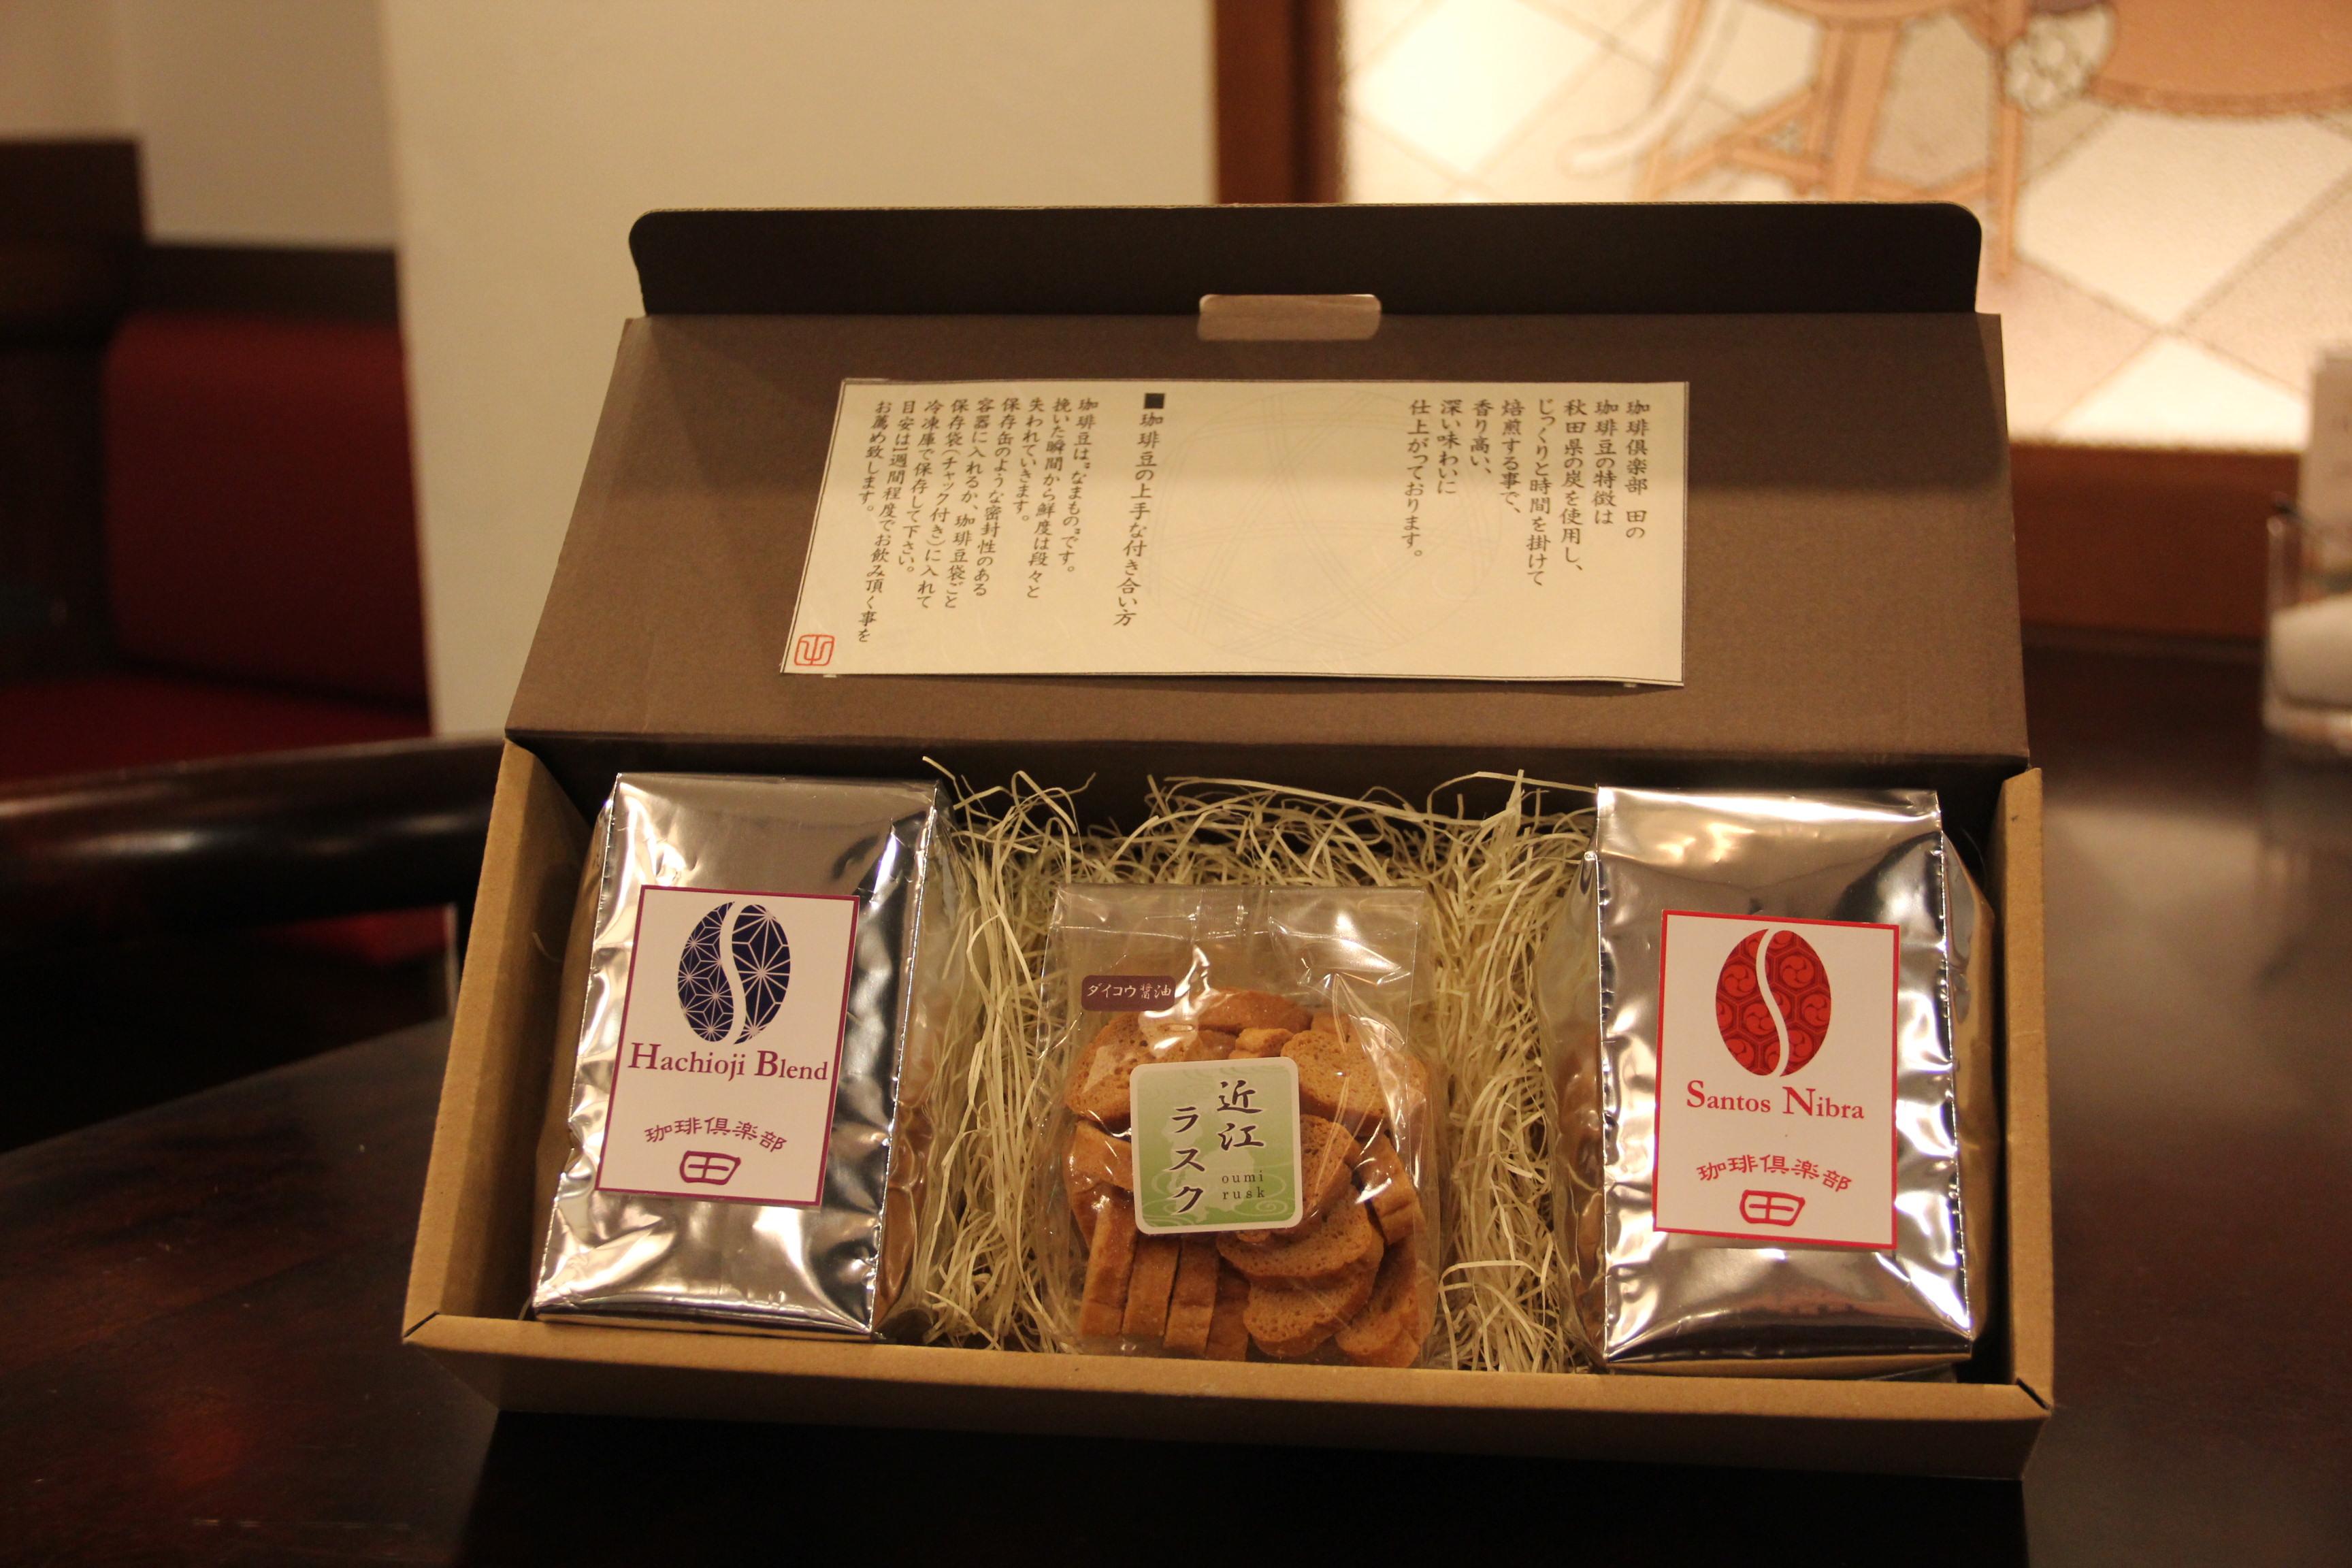 [ギフトセット]コーヒー豆200g 2袋 ミニラスク 1袋セット